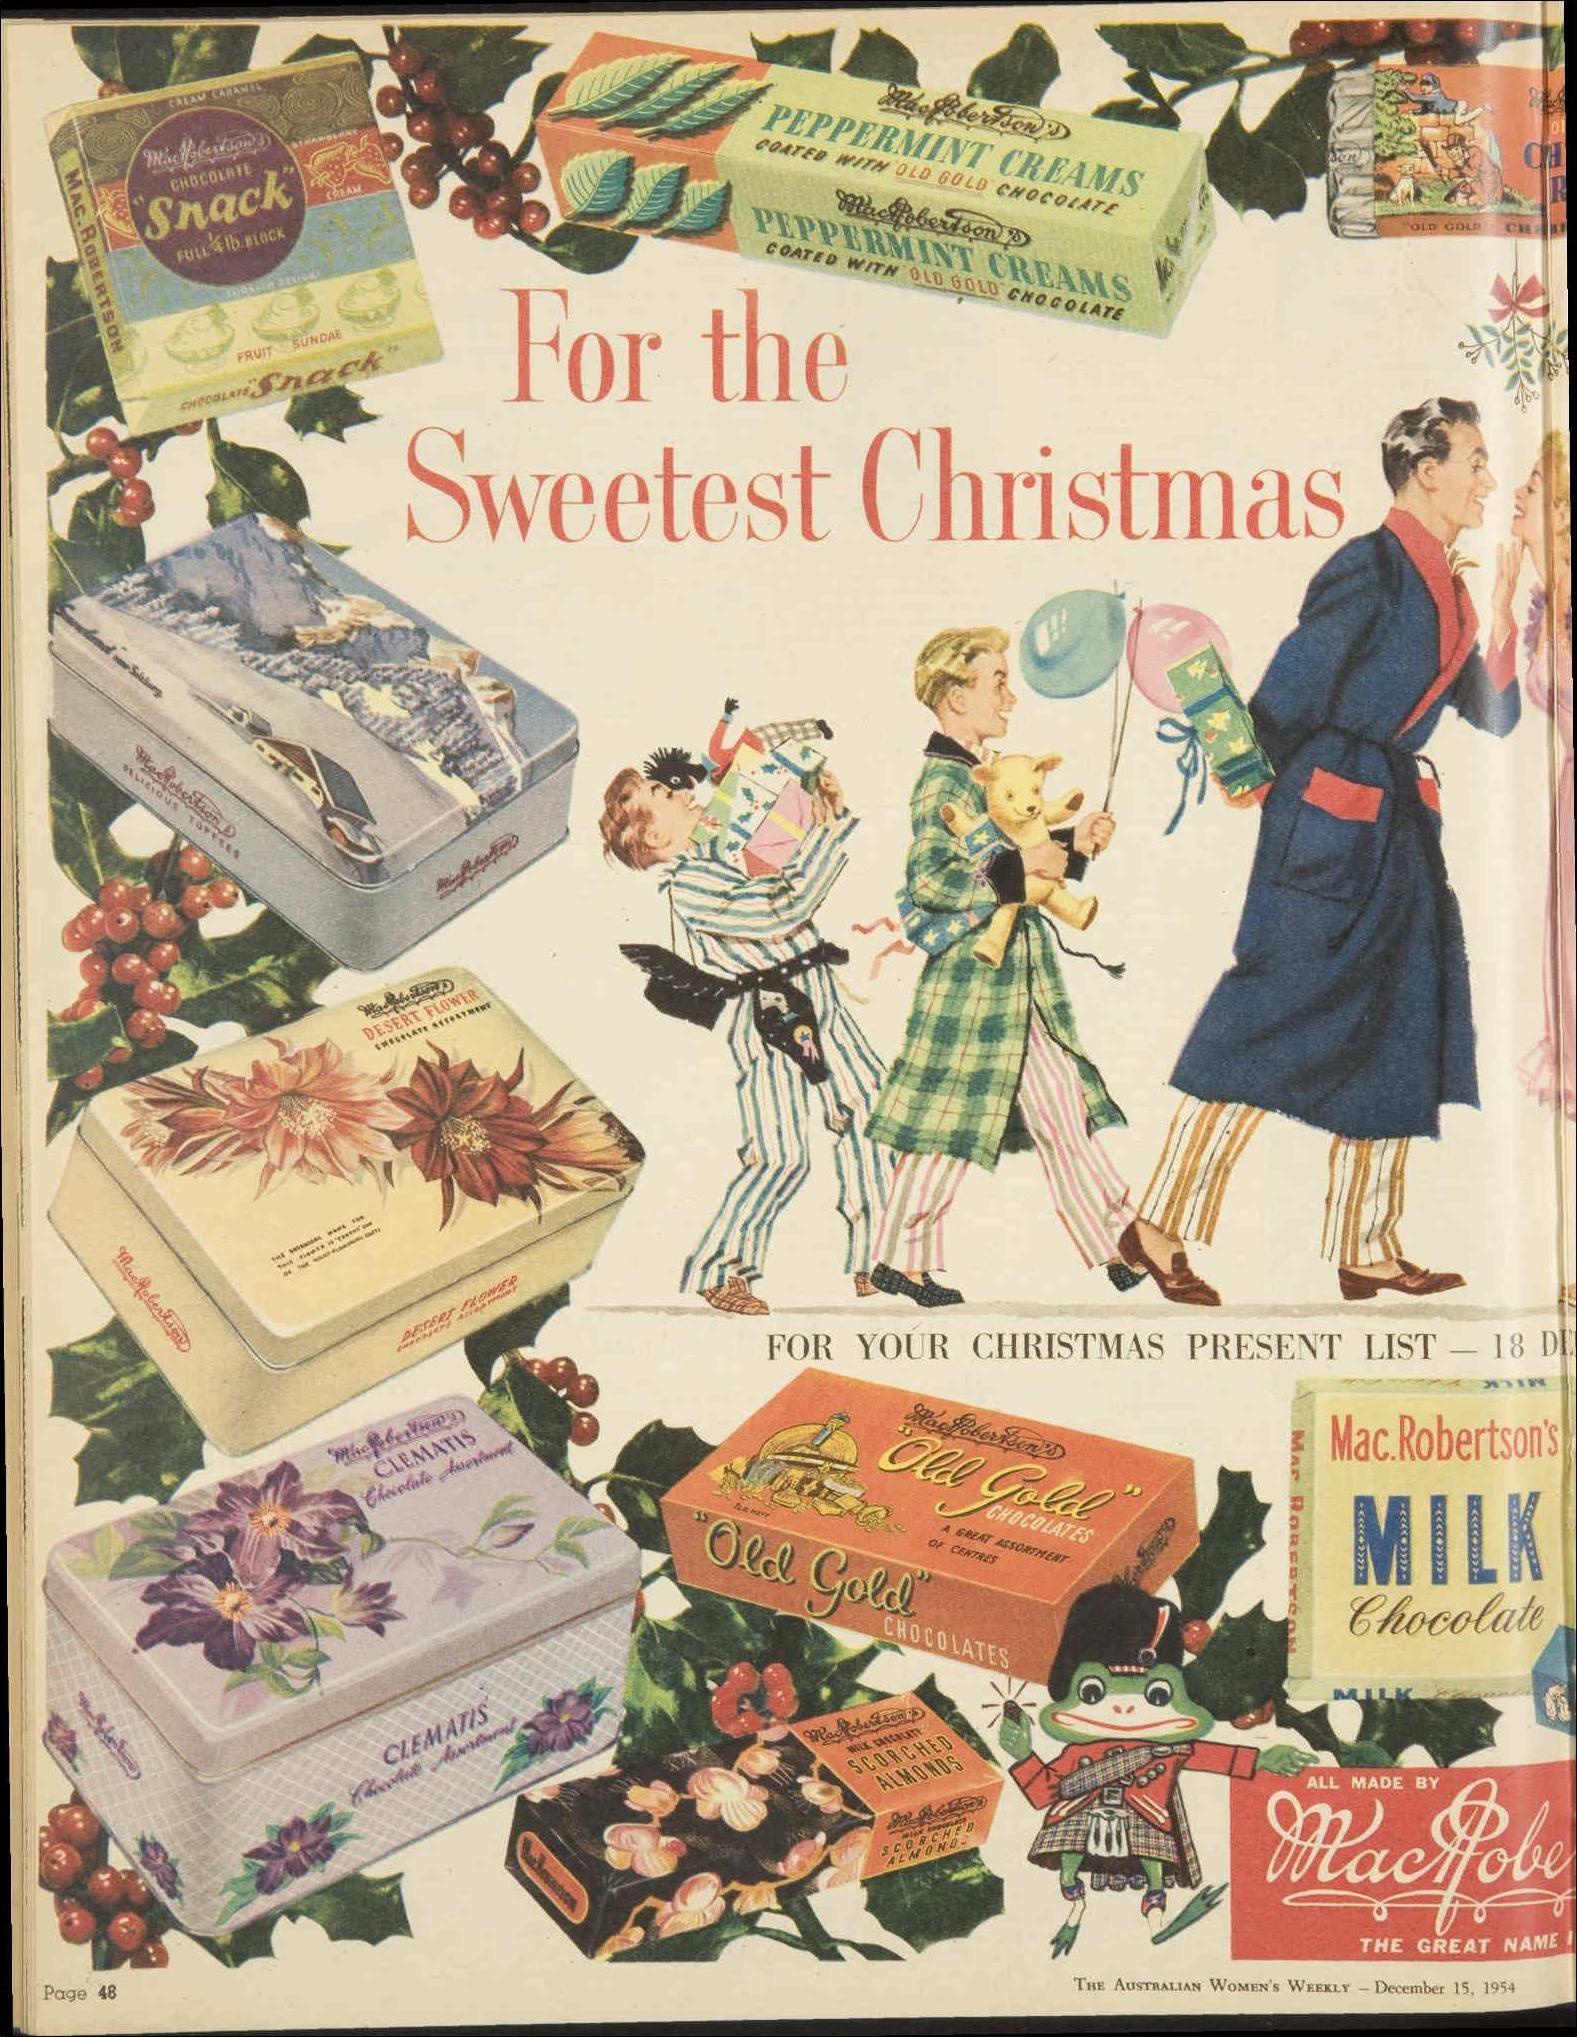 Issue 15 Dec 1954 The Australian Women's Wee... in 2020